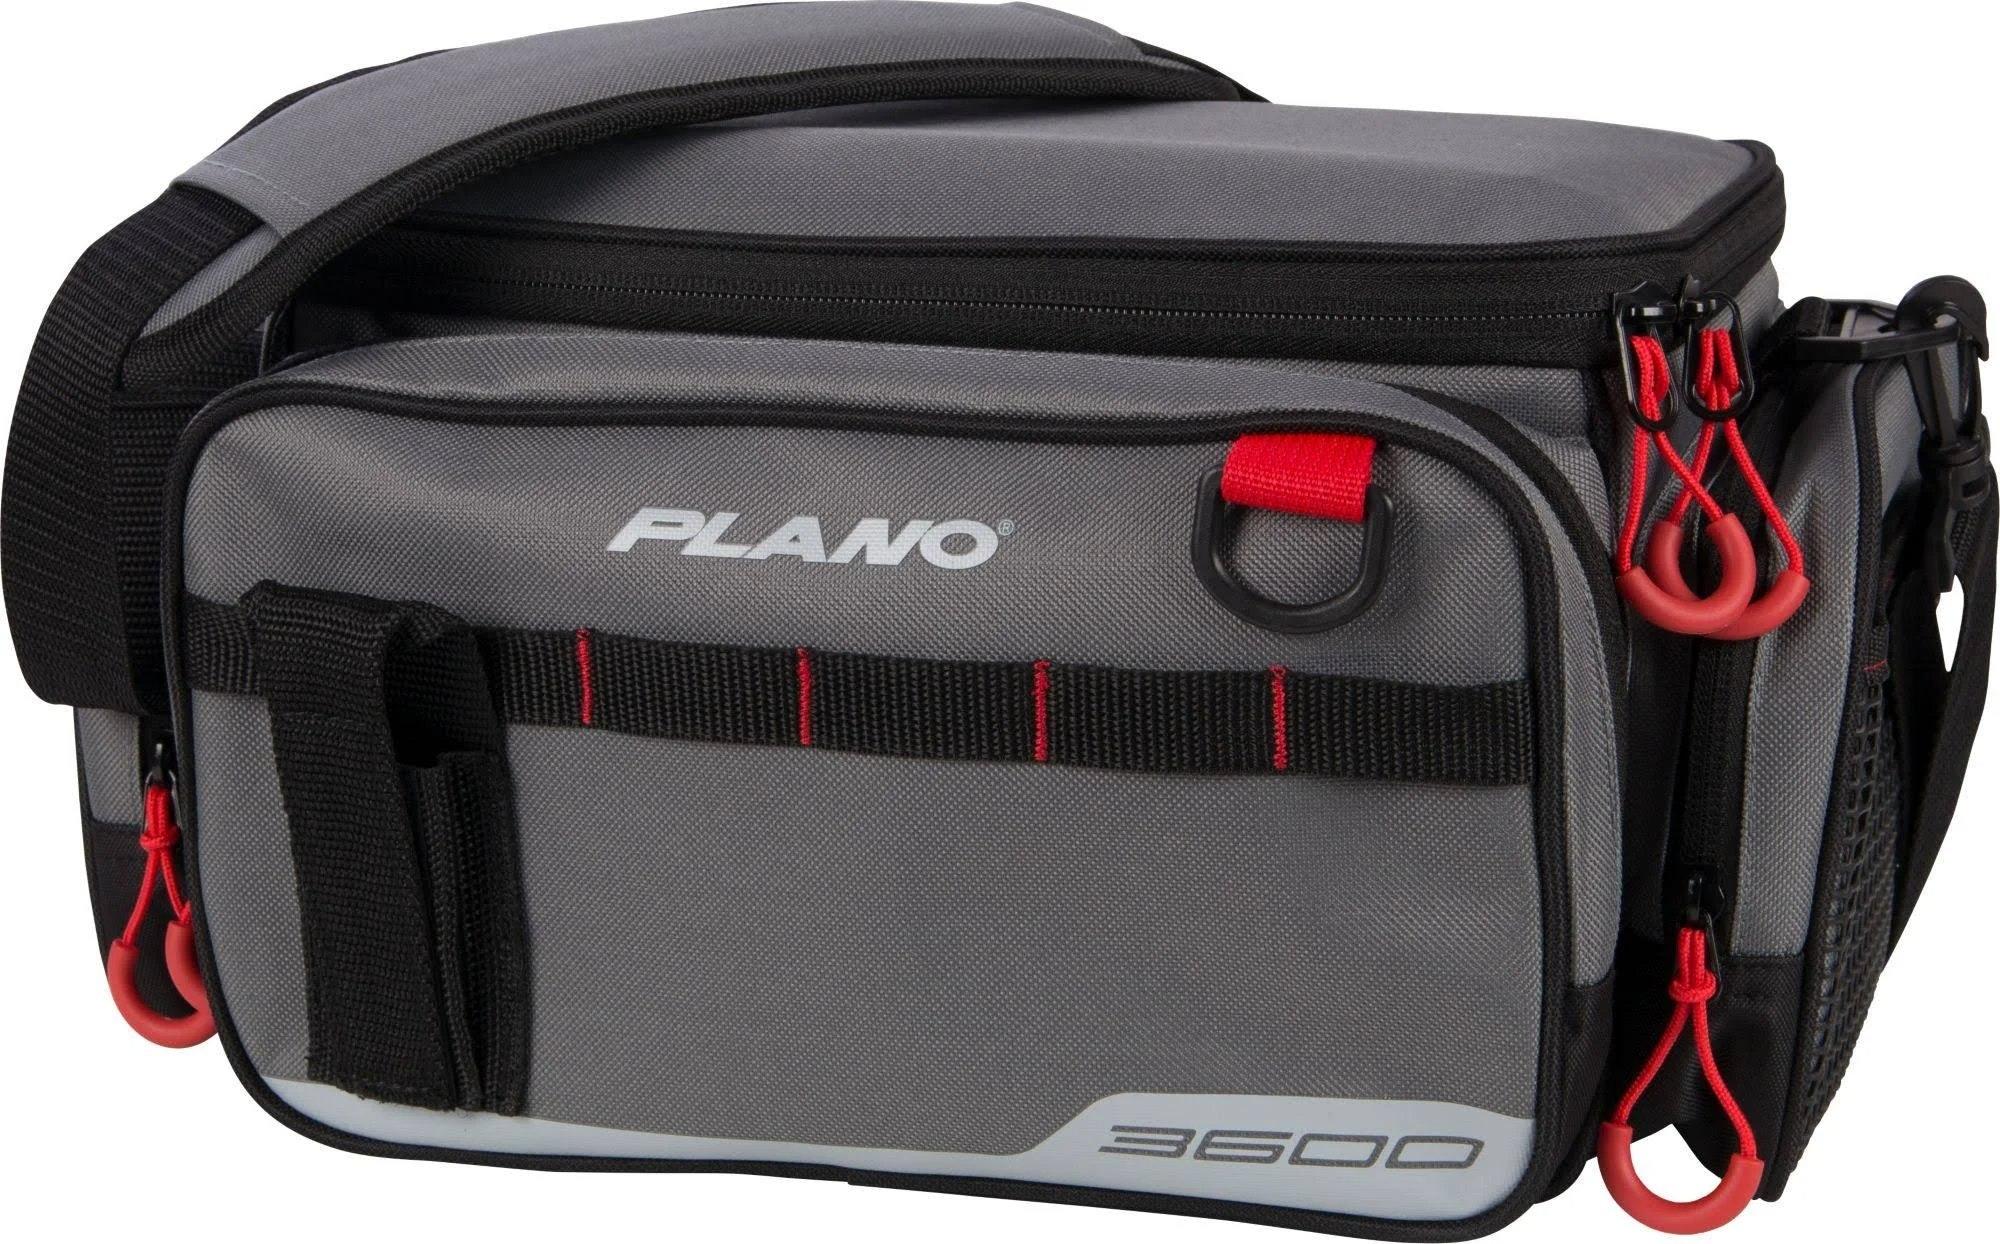 Plano Weekend Series Tackle Bag